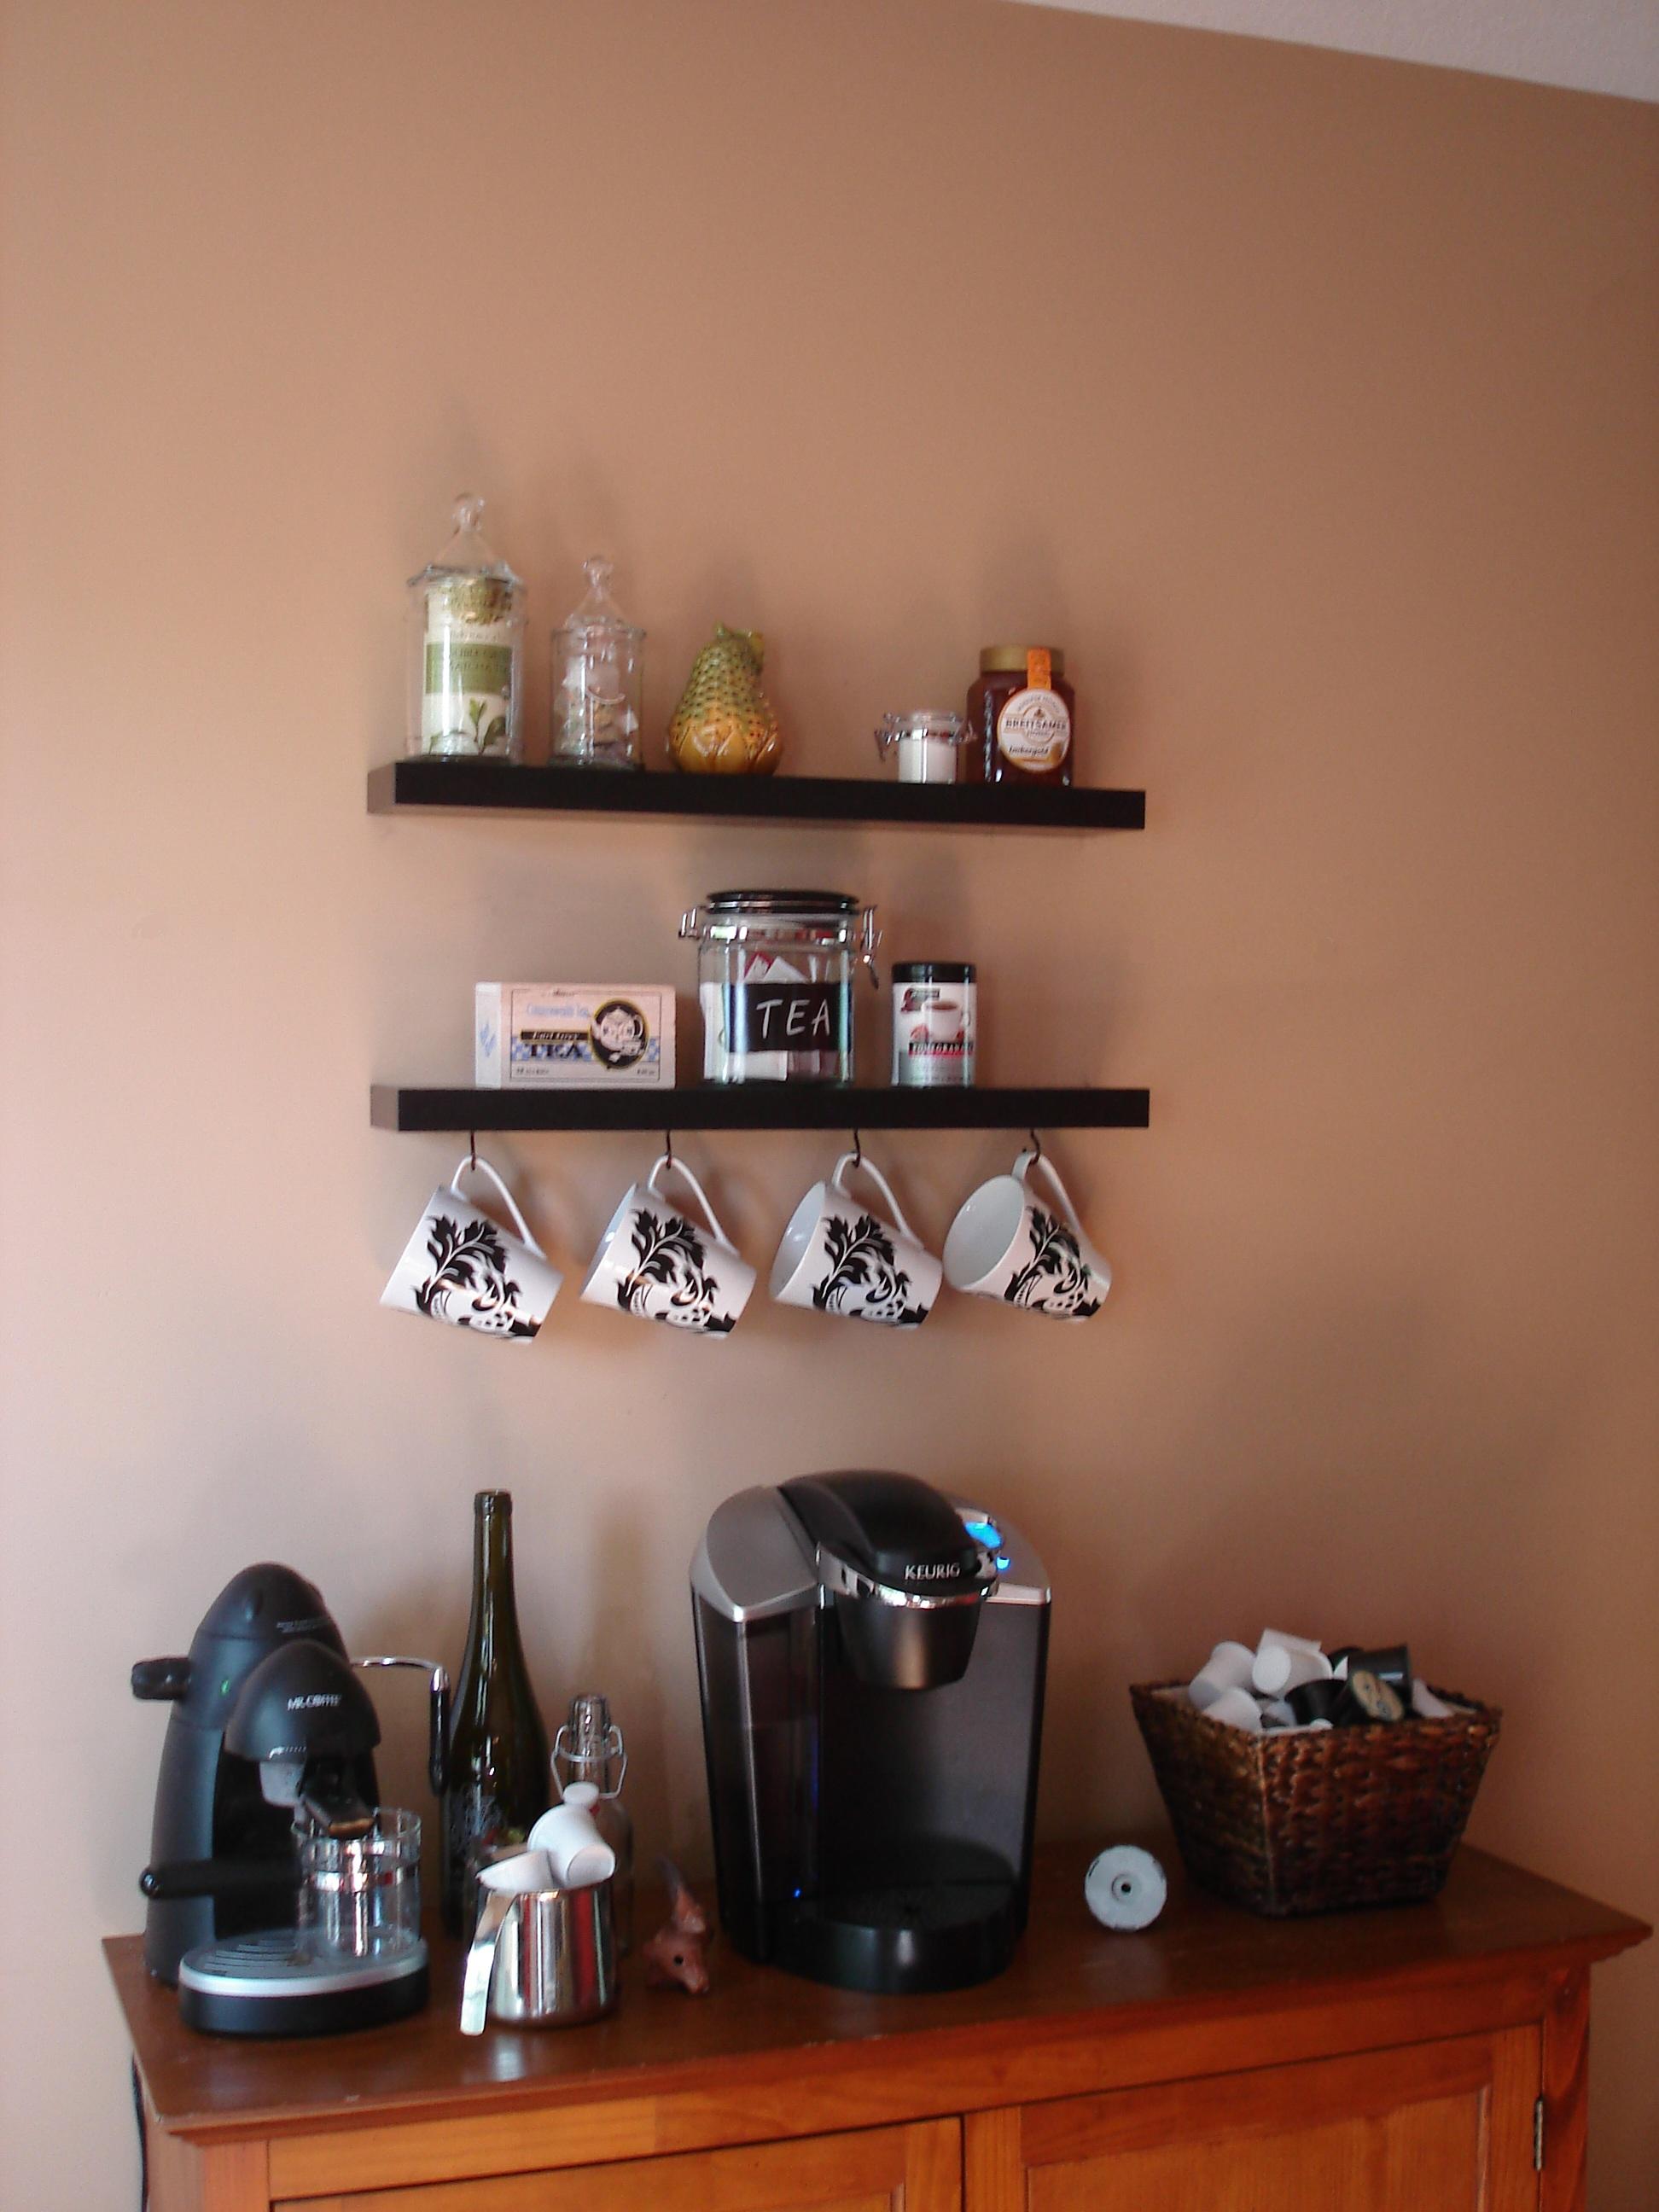 coffee and tea shelves-1